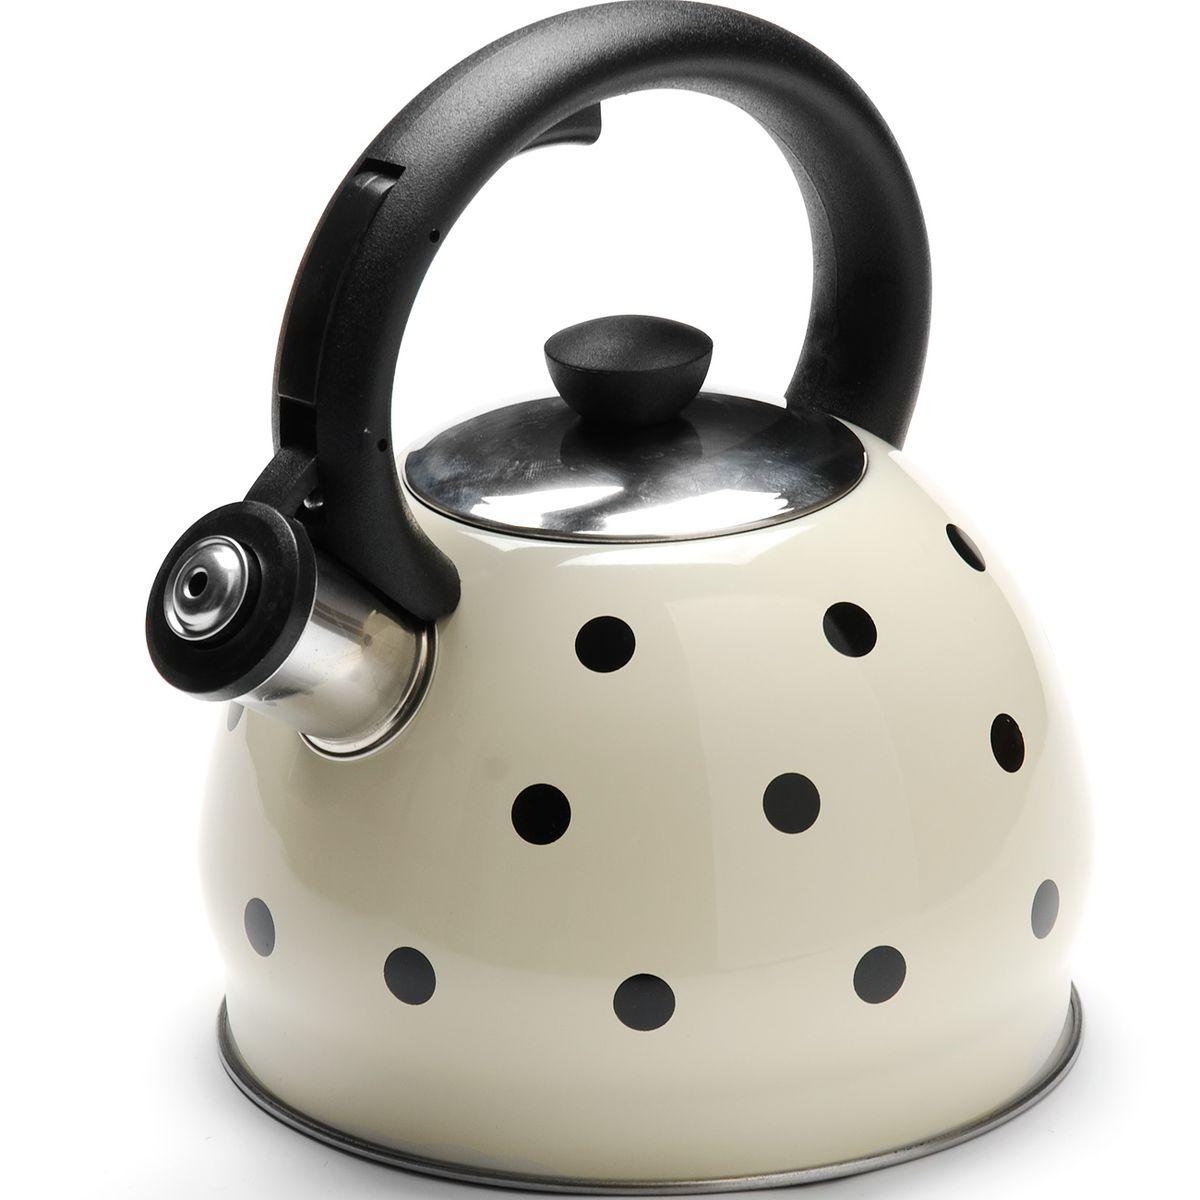 Чайник Mayer & Boch Горох, со свистком, 2 л. 2589225892Чайник со свистком Mayer & Boch изготовлен из высококачественной нержавеющей стали, что обеспечивает долговечность использования. Носик чайника оснащен откидным свистком, звуковой сигнал которого подскажет, когда закипит вода. Свисток открывается нажатием кнопки на фиксированной ручке, сделанной из пластика. Чайник Mayer & Boch - качественное исполнение и стильное решение для вашей кухни. Подходит для всех типов плит, включая индукционные. Можно мыть в посудомоечной машине. Высота чайника (с учетом ручки и крышки): 20 см. Высота чайника (без учета ручки и крышки): 12 см. Диаметр чайника (по верхнему краю): 9 см. Диаметр основания: 16,5 см.